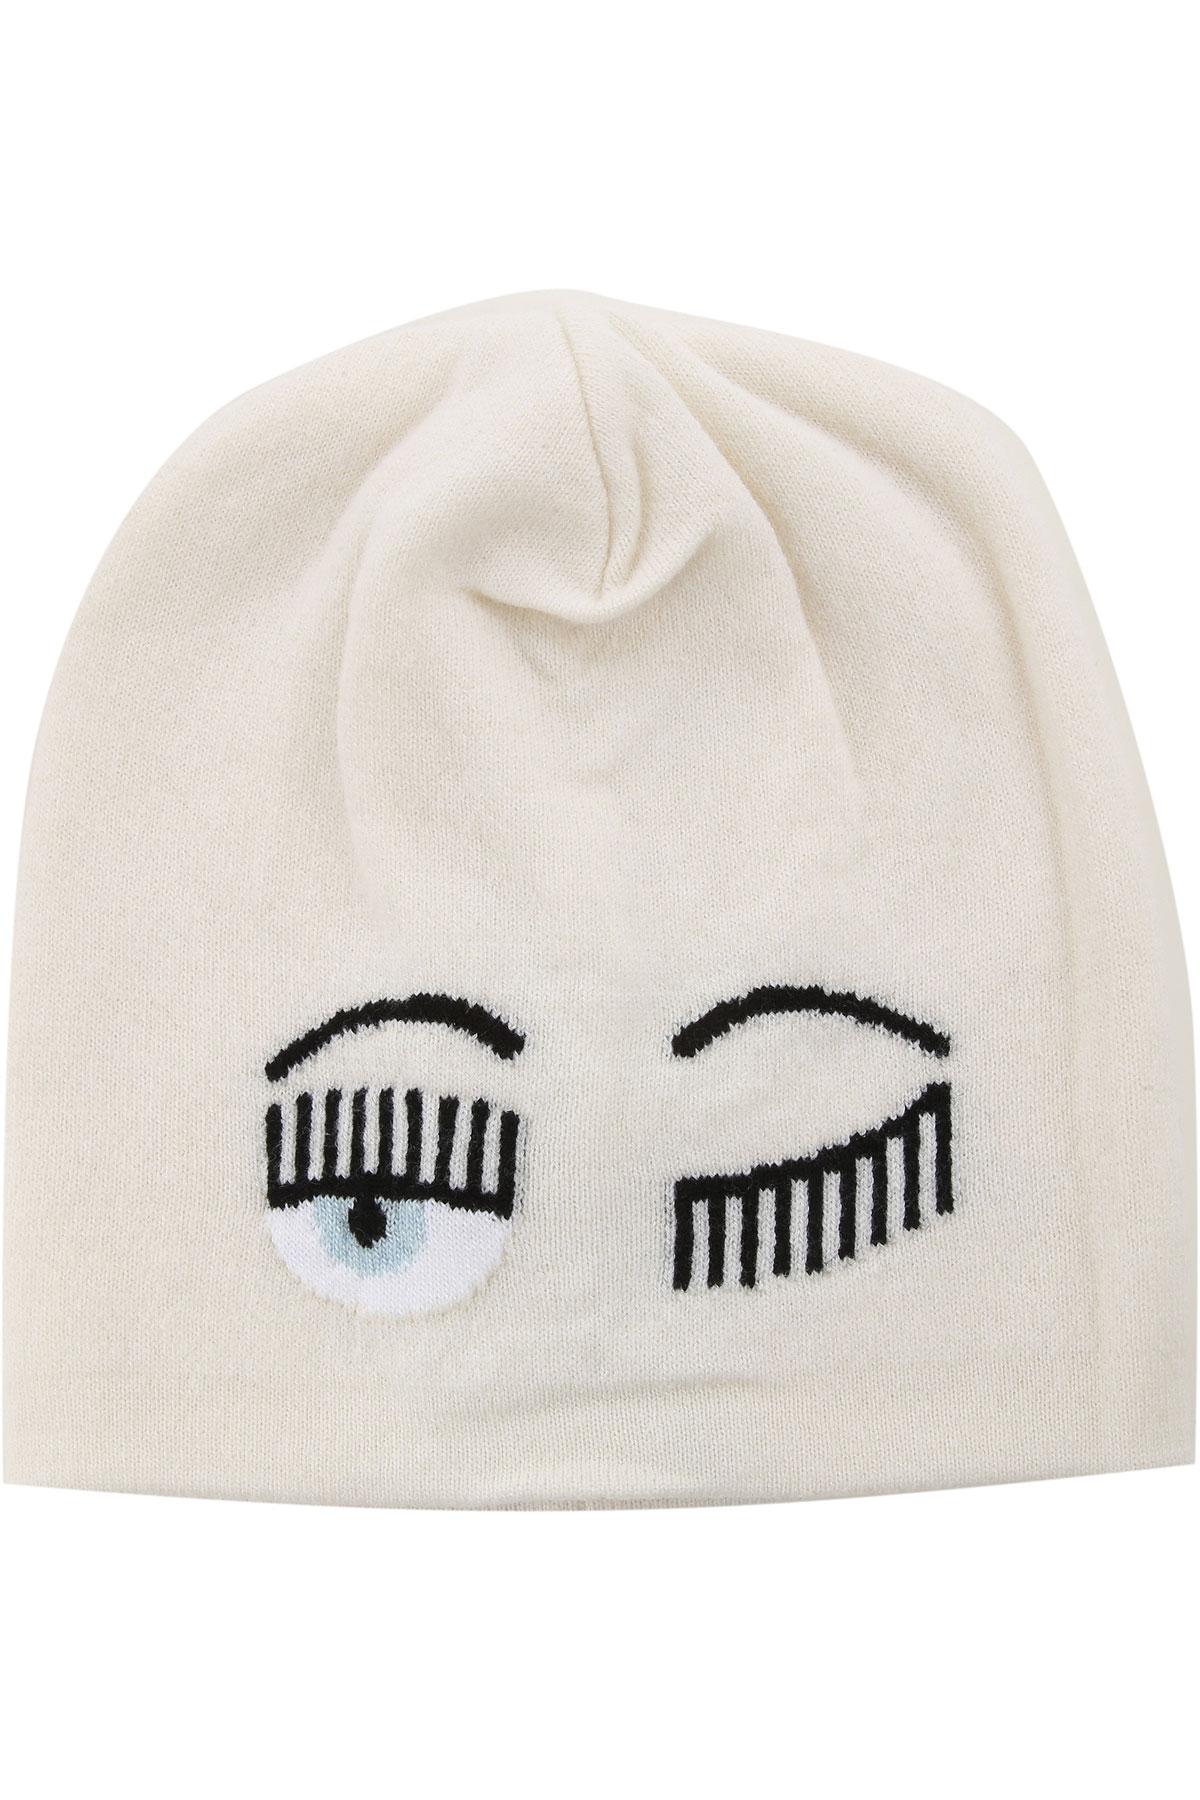 Chiara Ferragni Hat for Women On Sale, White, merino wool, 2019